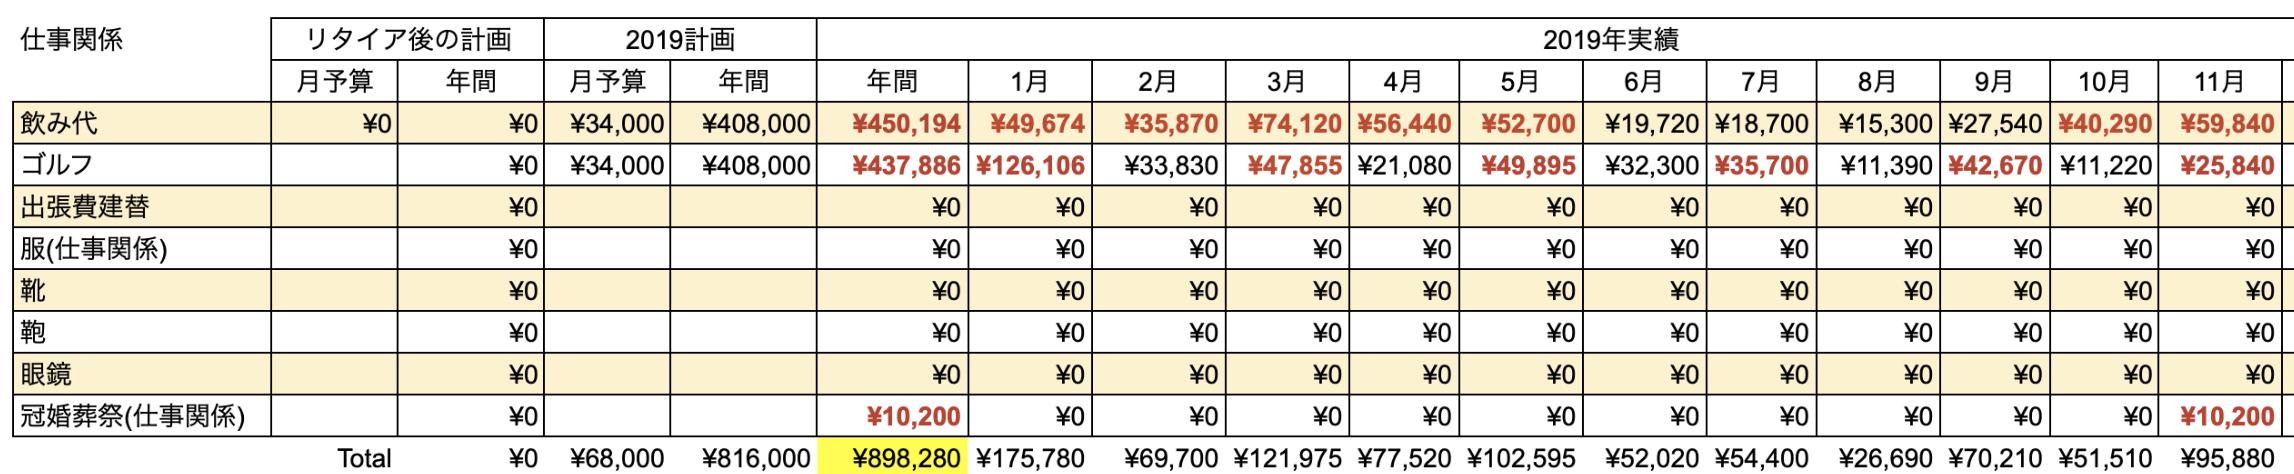 支出実績2019_11月_仕事関係費